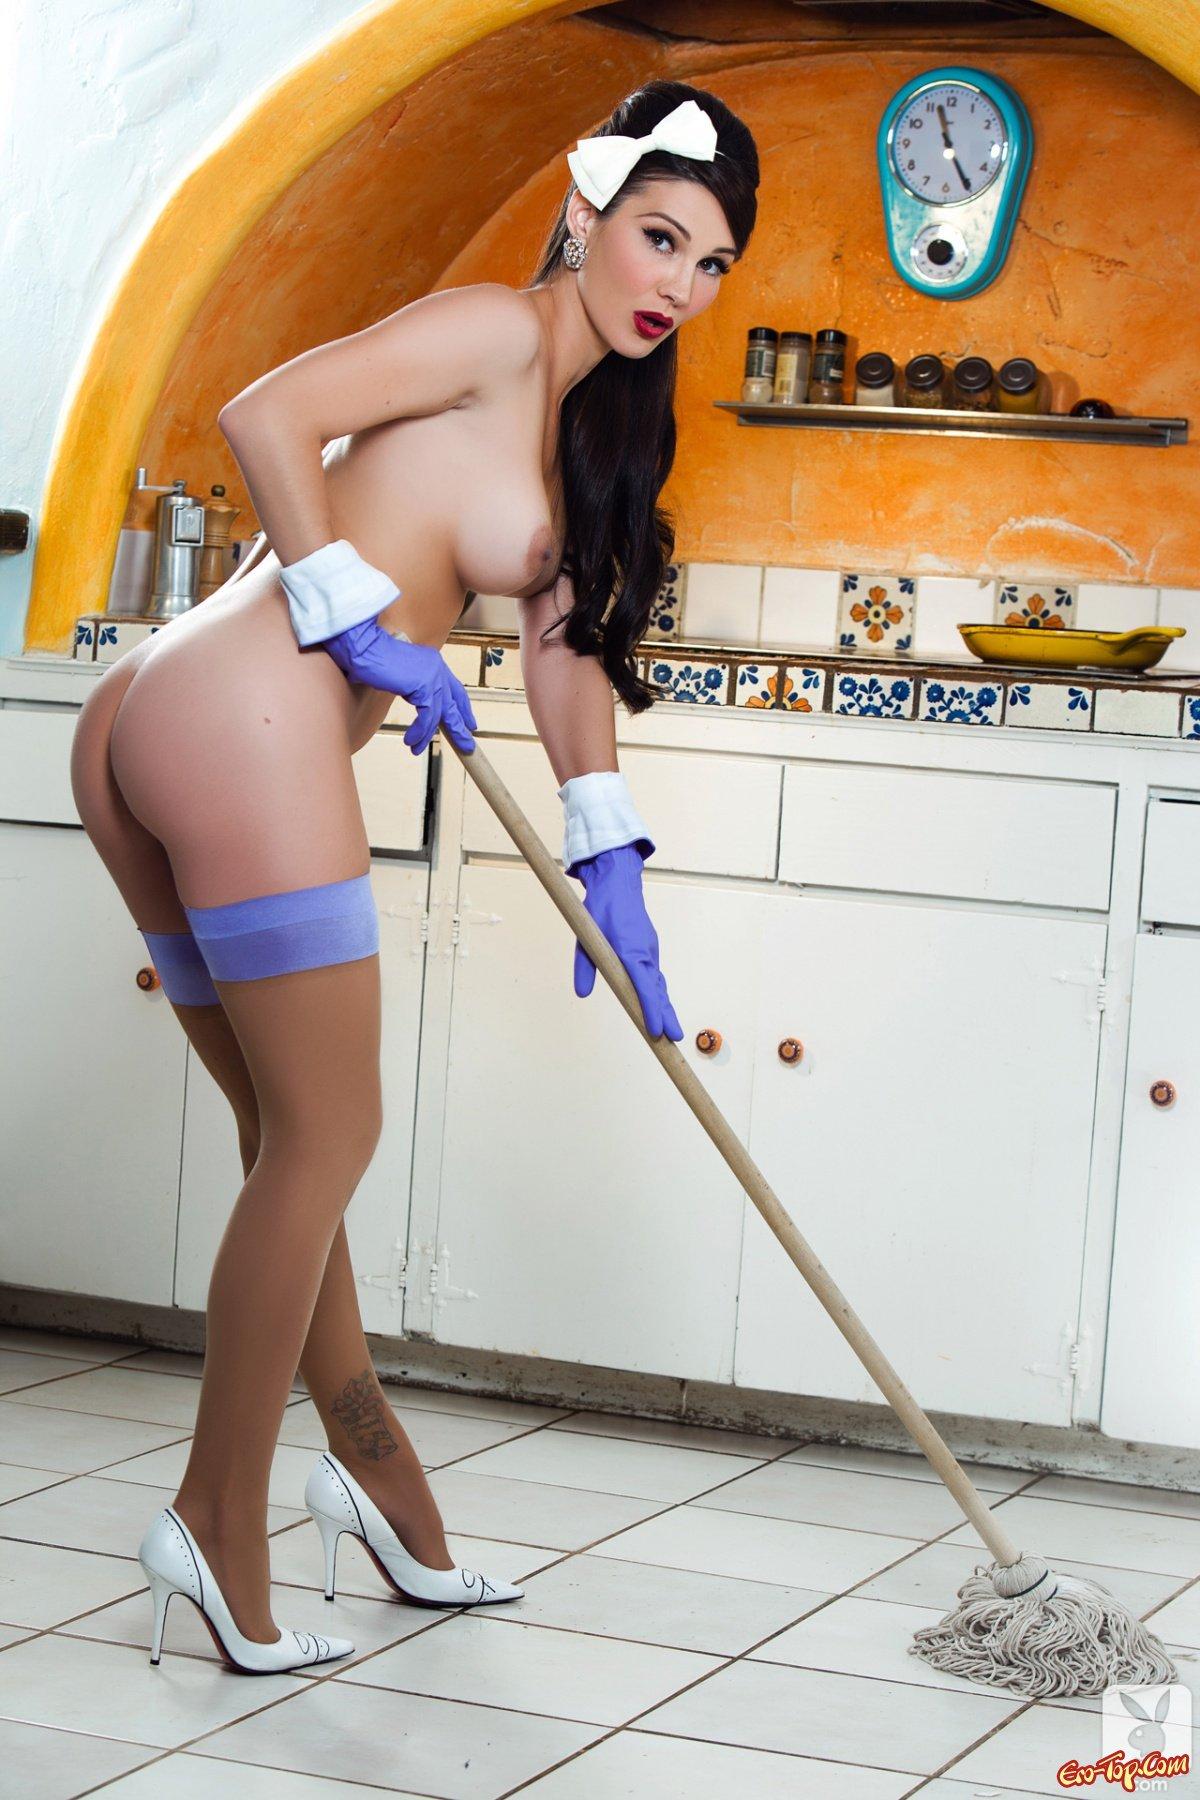 работницы фото голой дом